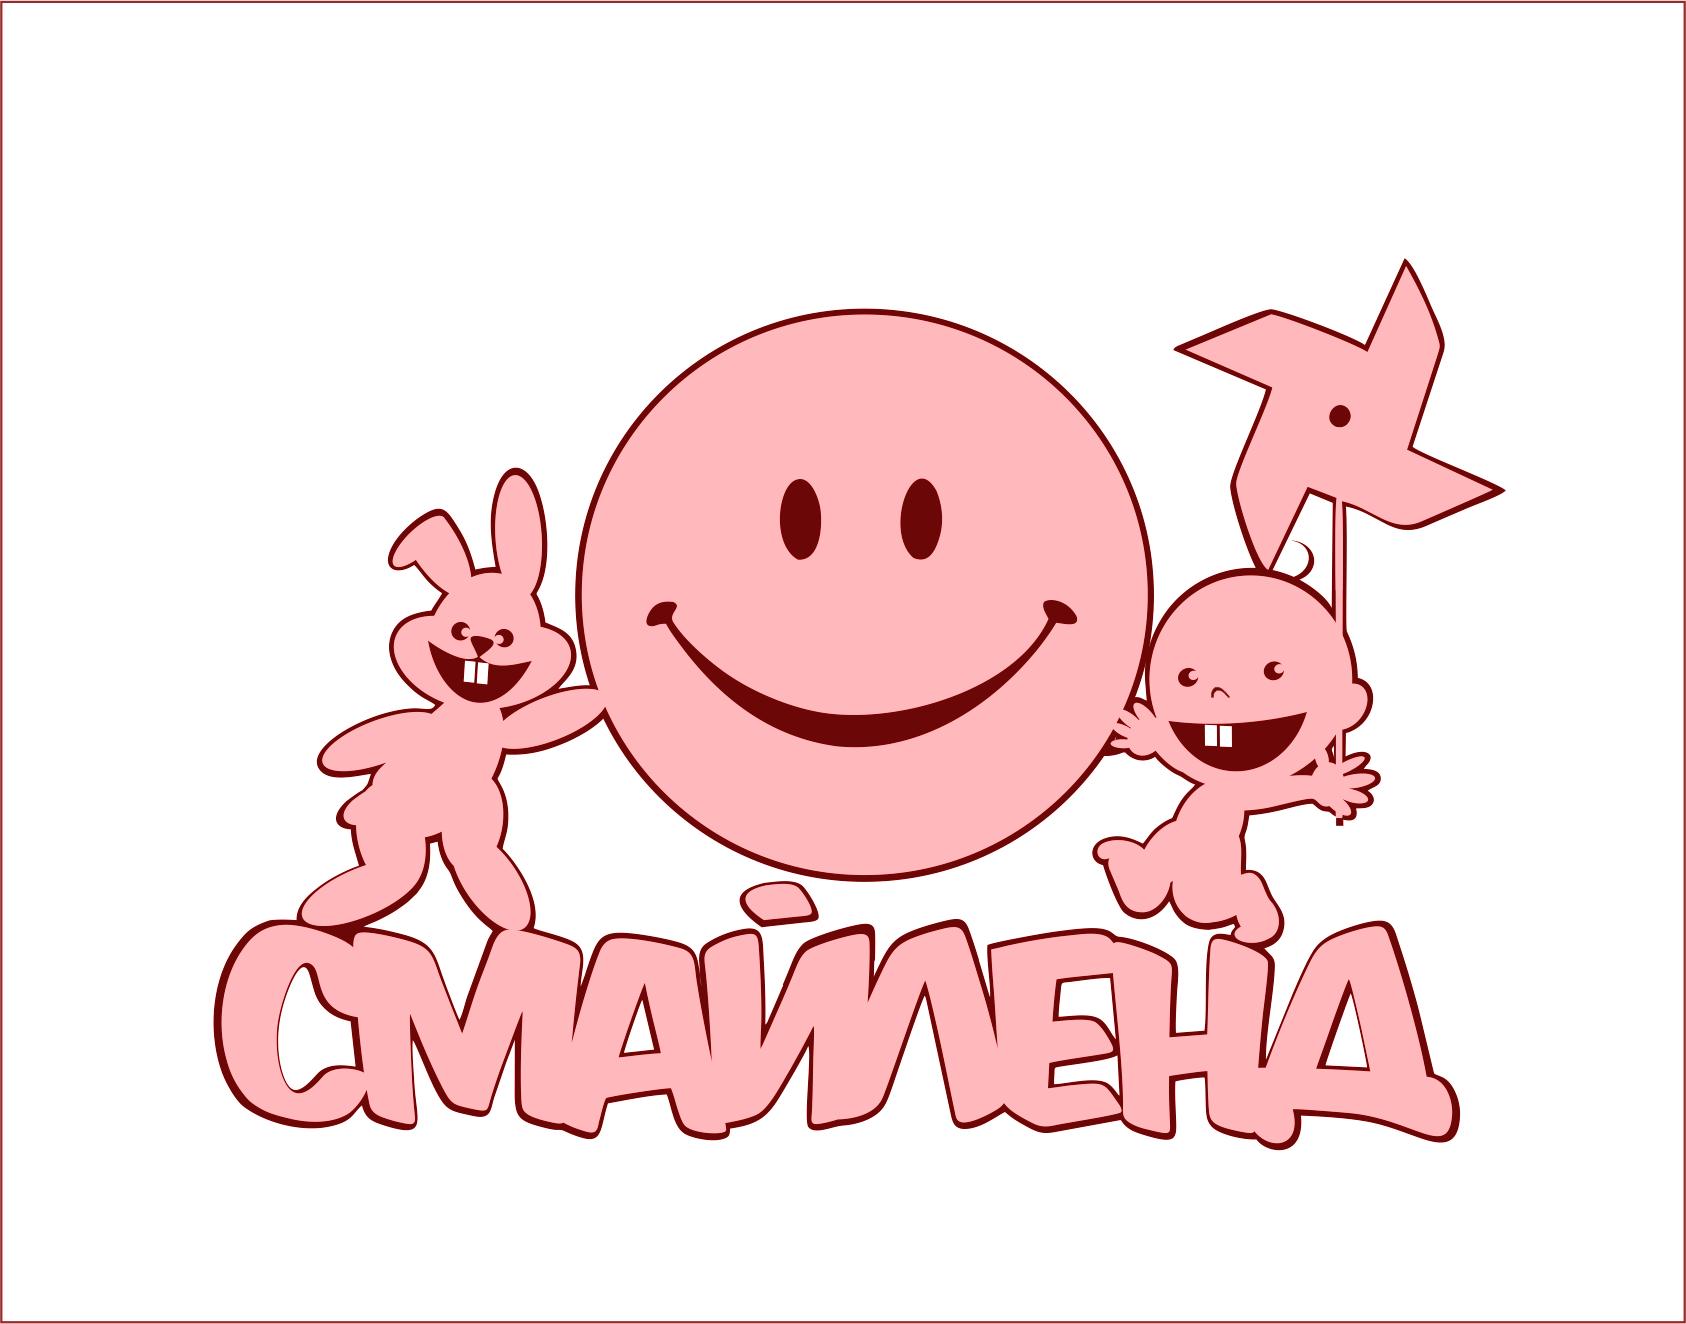 Логотип, стиль для детского игрового центра. фото f_9595a449a36a2938.png